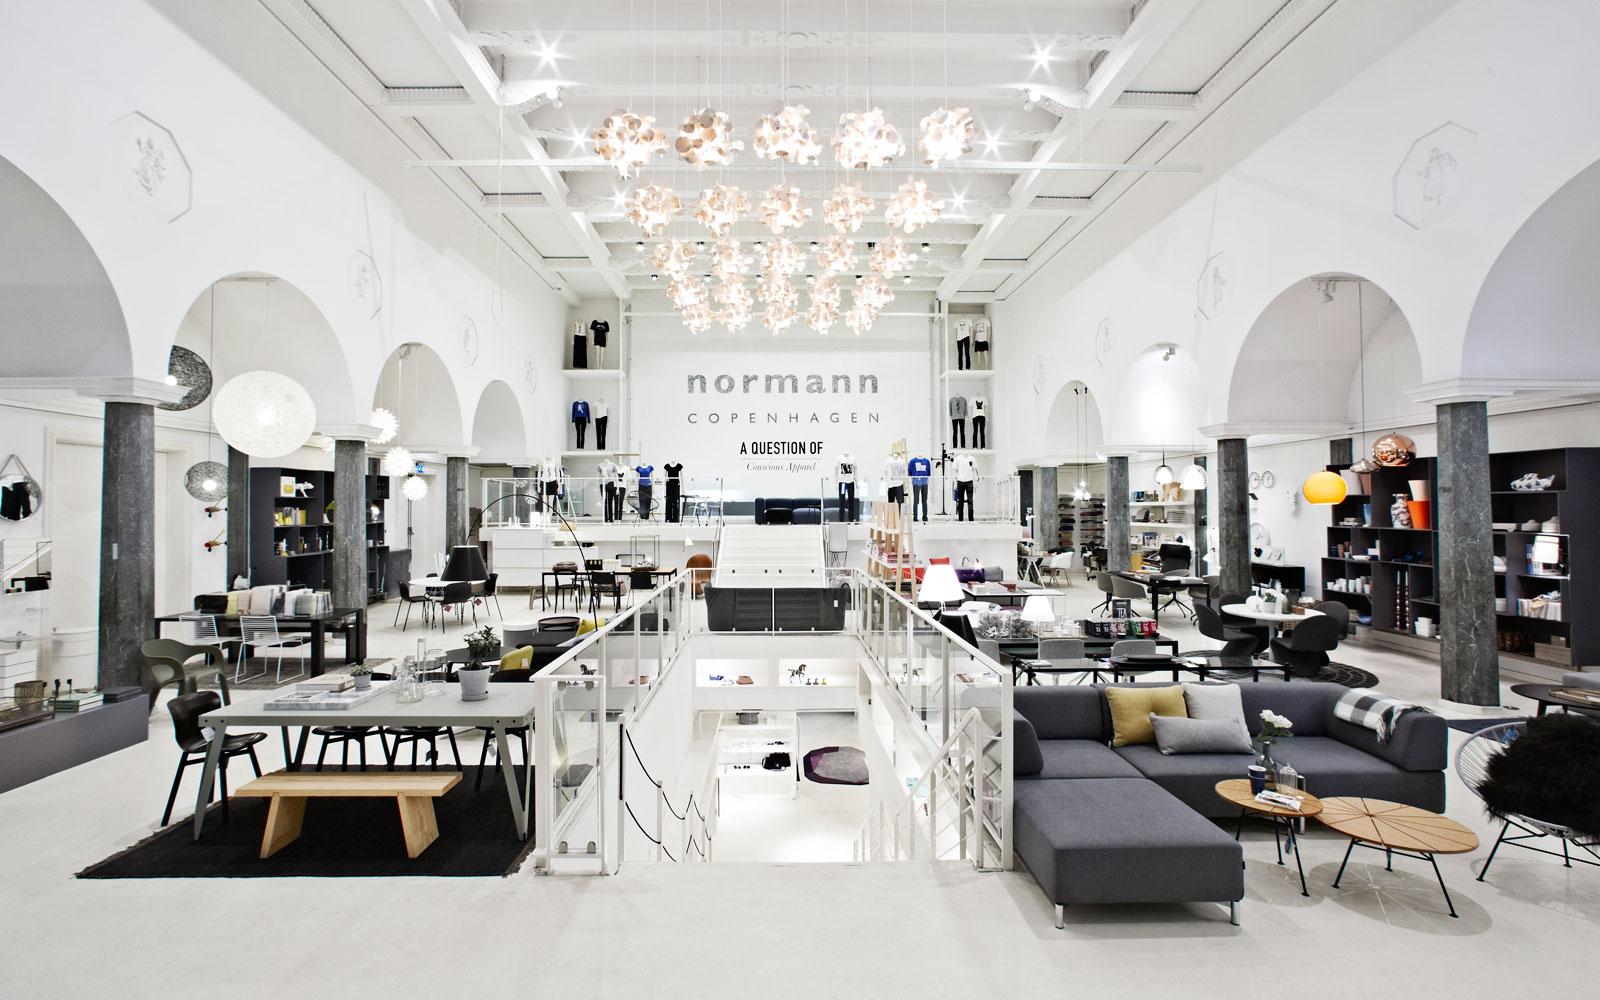 2c561b72a0d Normann copenhagen flagship store 2012